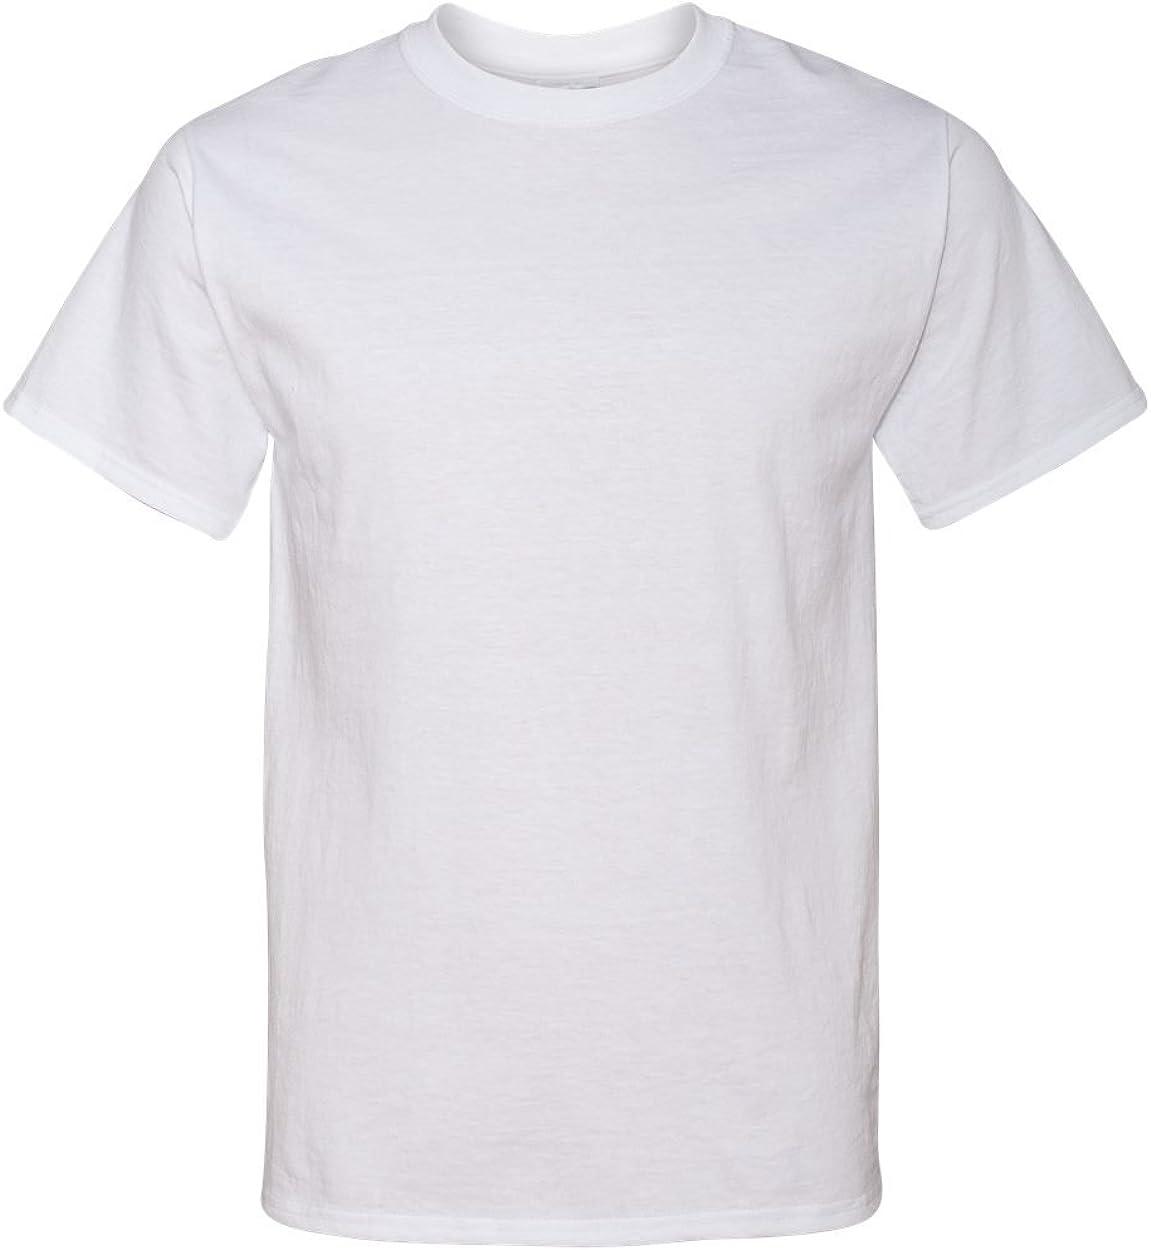 Jerzees Tall 5.6 oz. 50/50 Heavyweight Blend T-Shirt (29MT) White, 3XLT (Pack of 12)